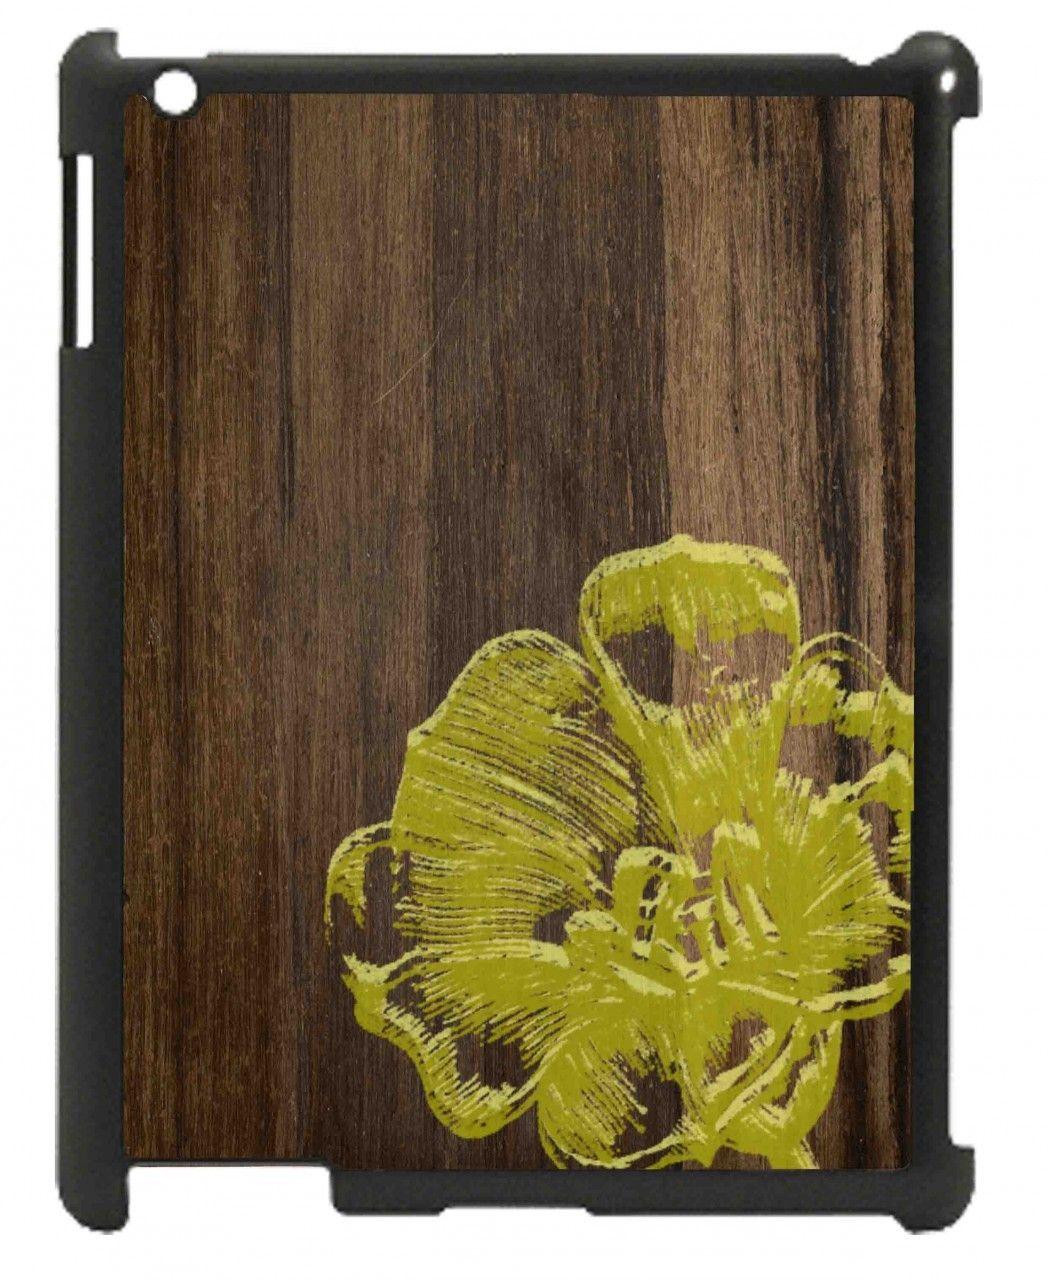 Rustic Beach iPad Case (http://www.wordon.com.au/products/rustic-beach-ipad-case.html)